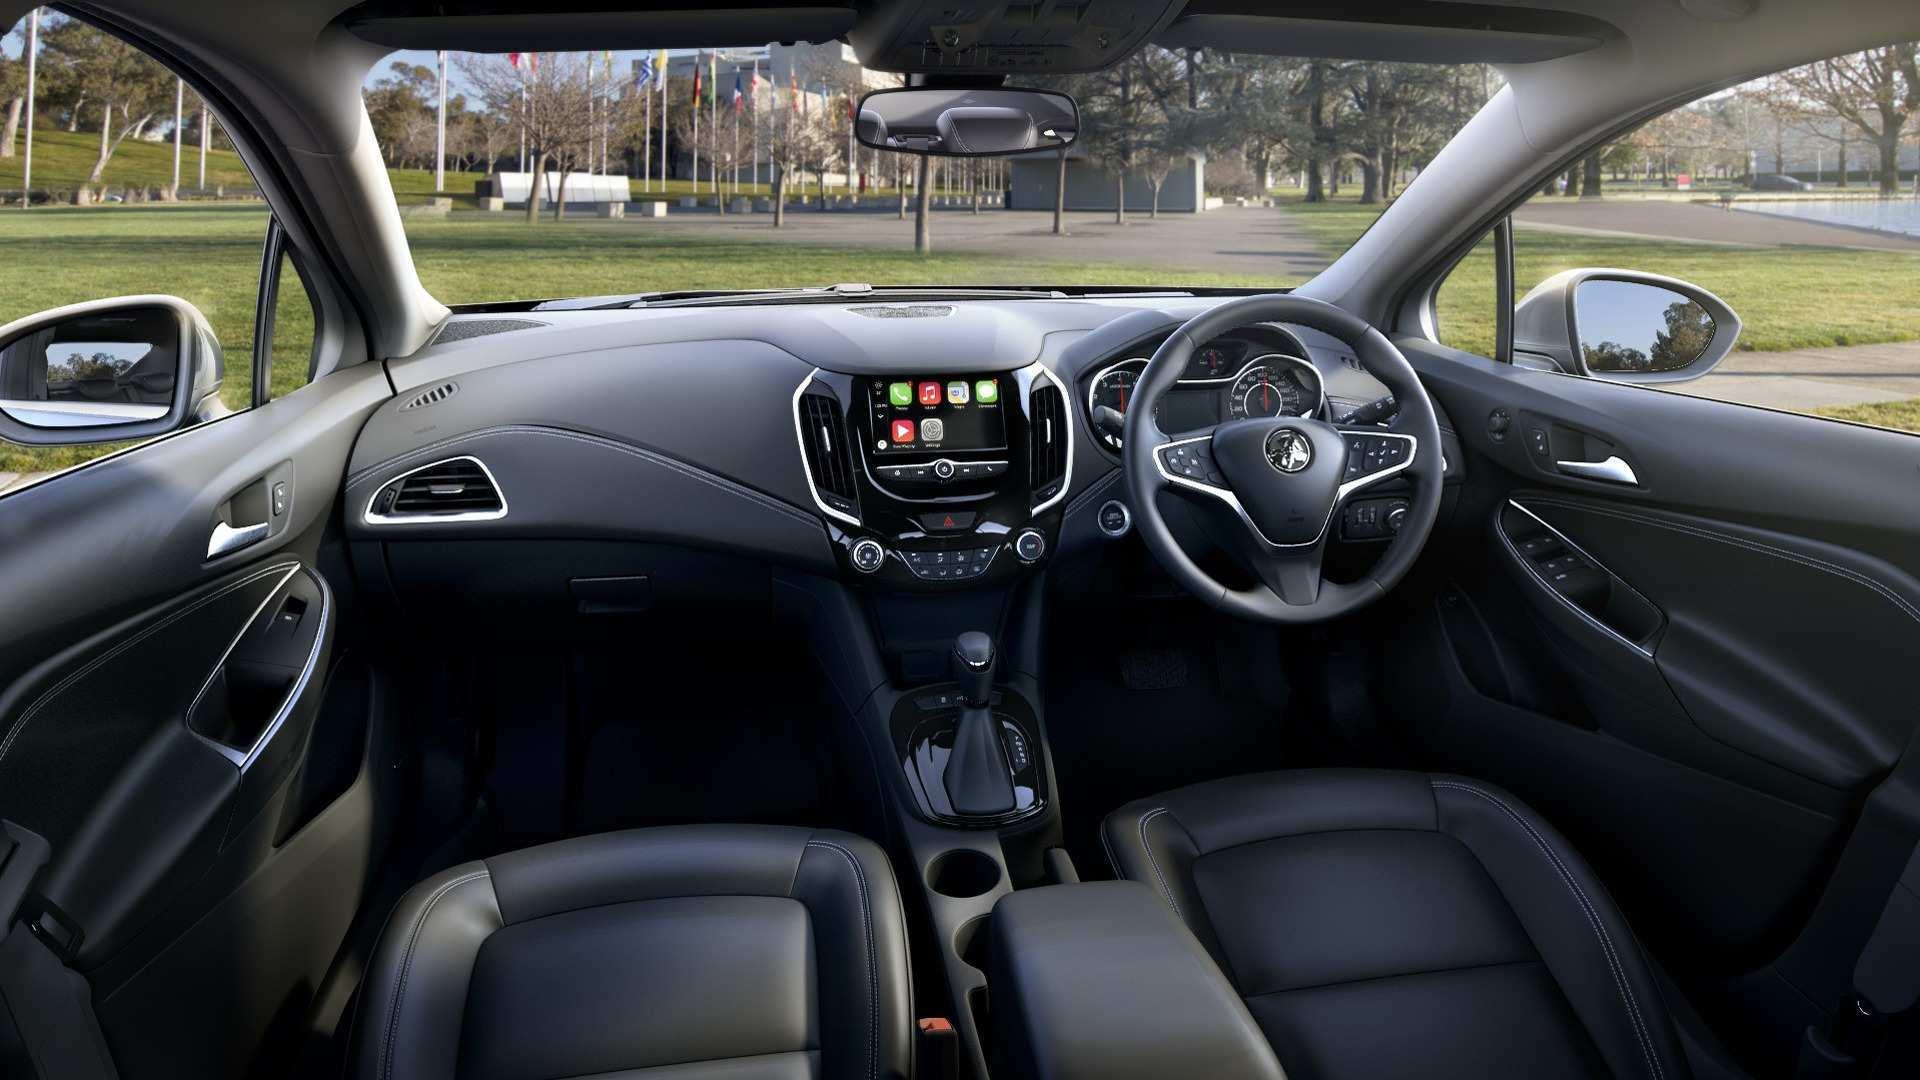 33 Concept of Opel Astra Sedan 2020 Model for Opel Astra Sedan 2020